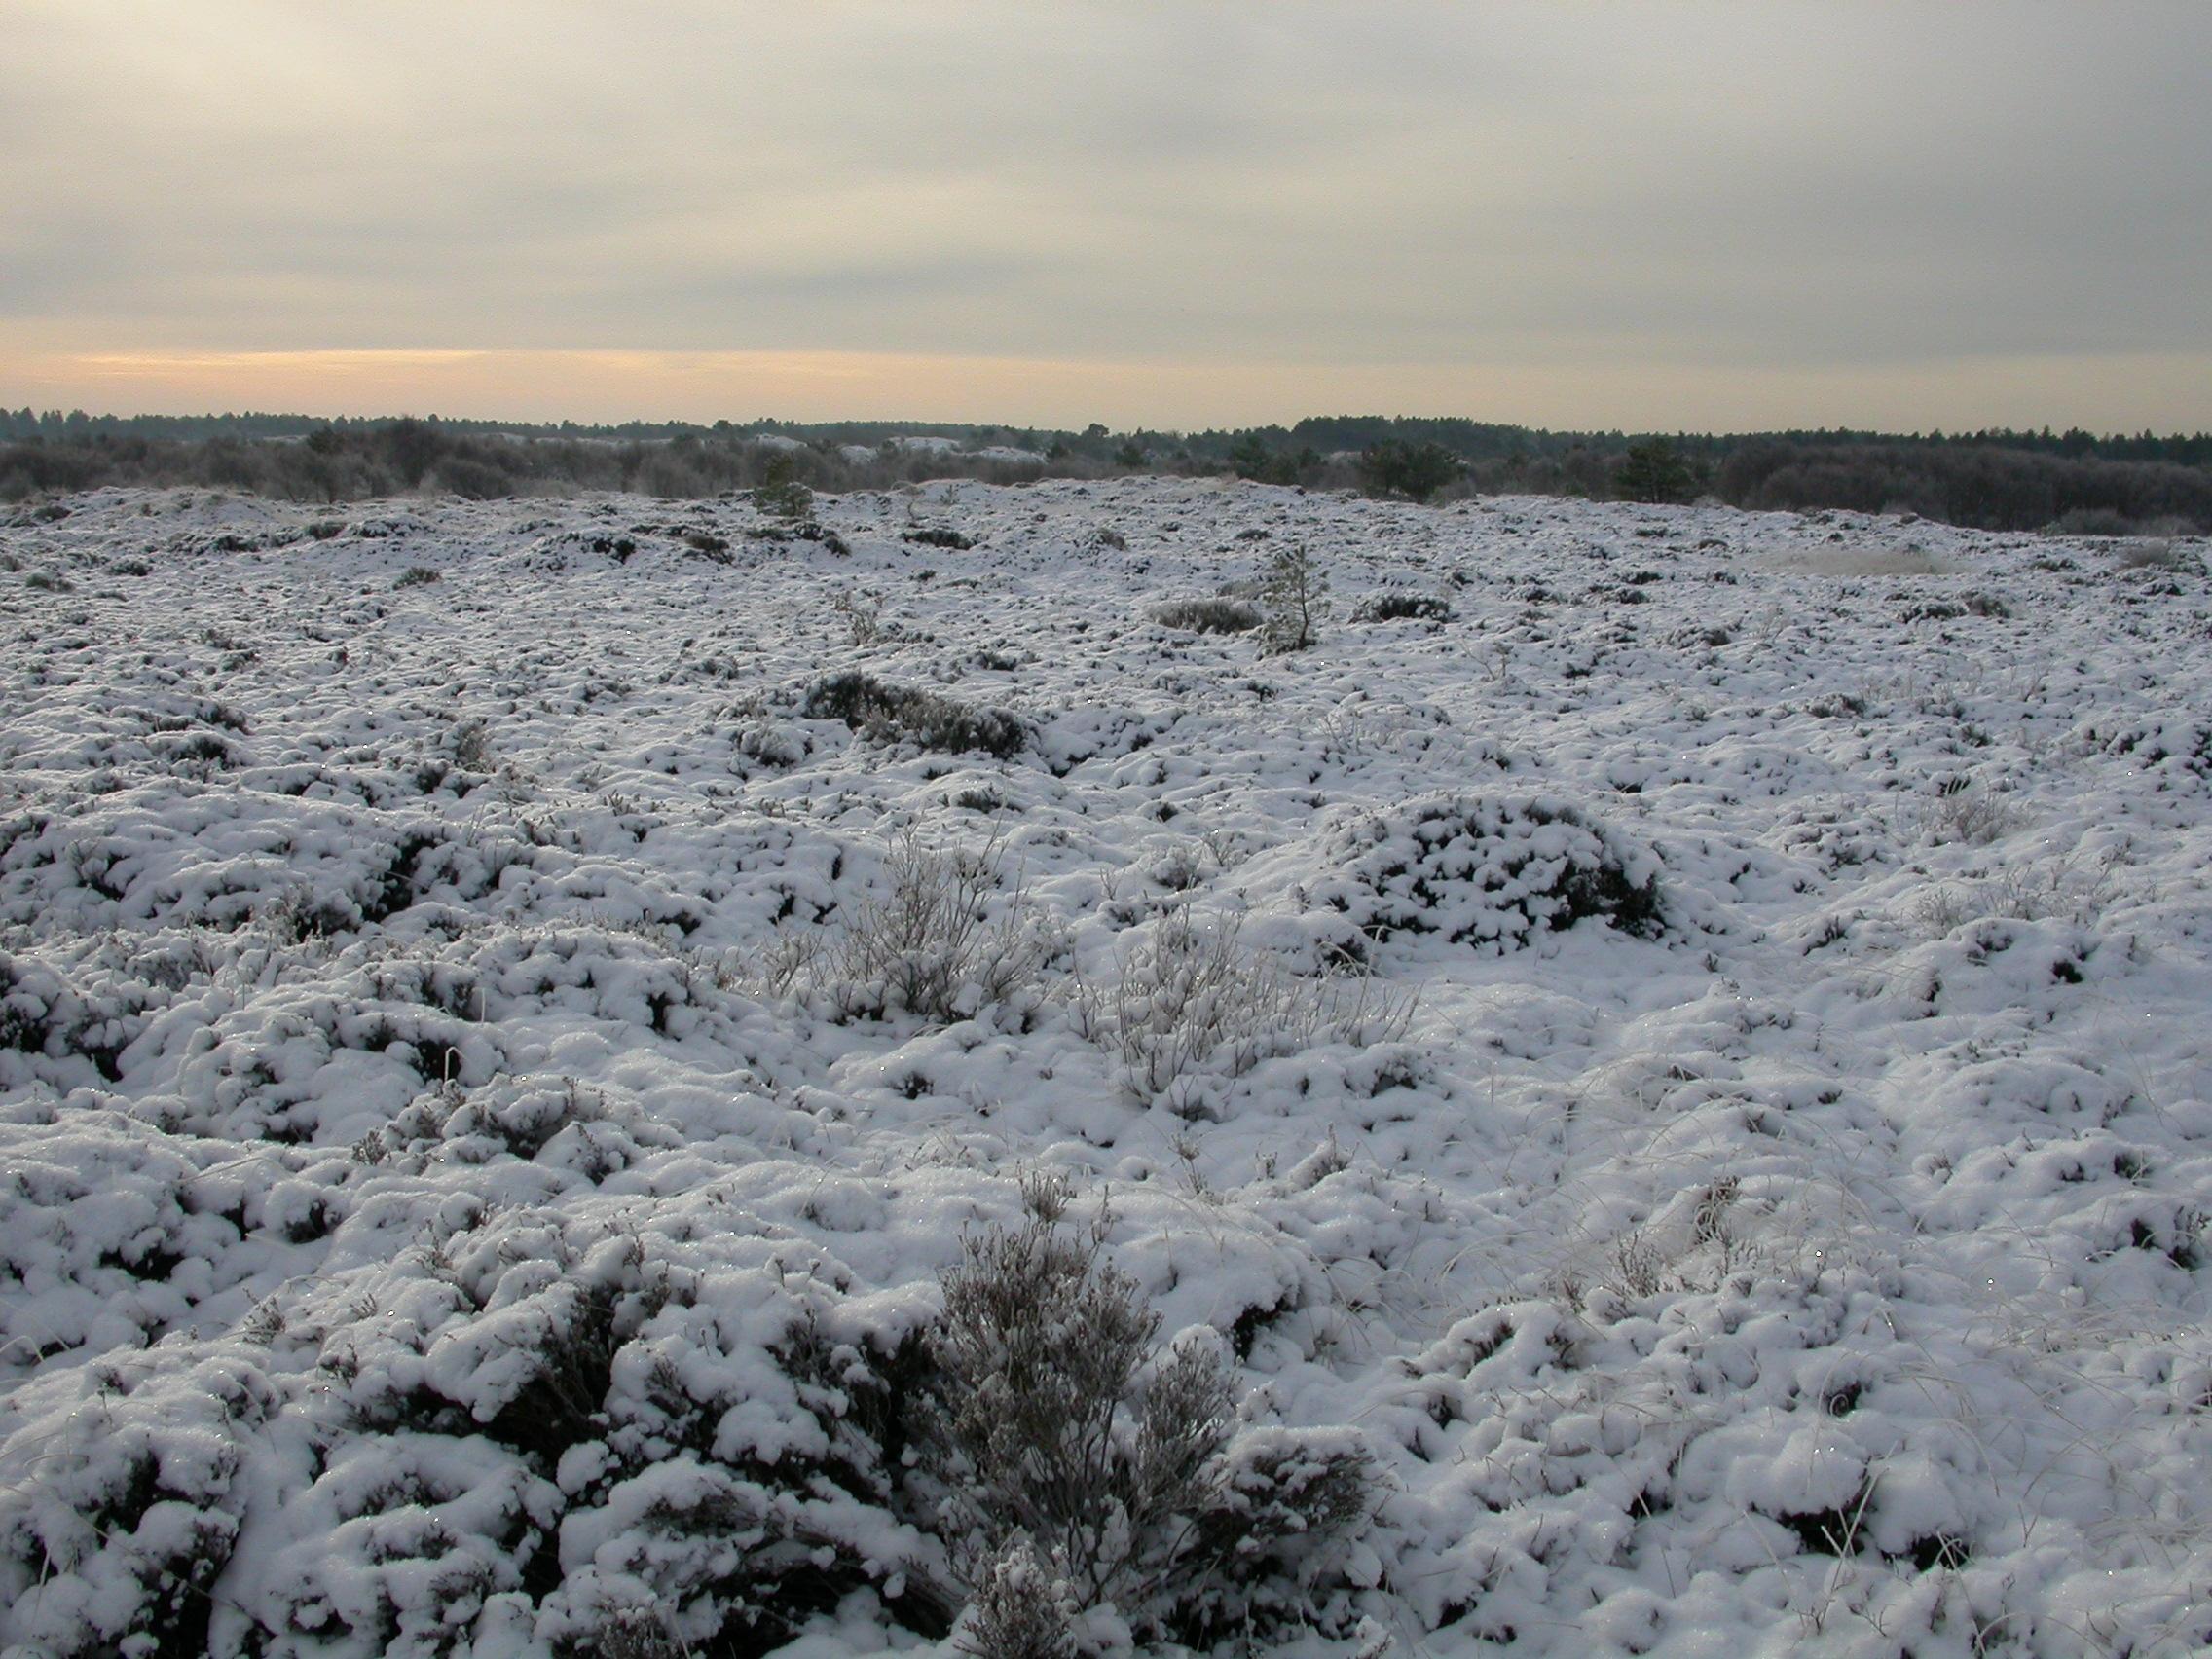 paul snowy dunes in schoorl the netherlands forest coast